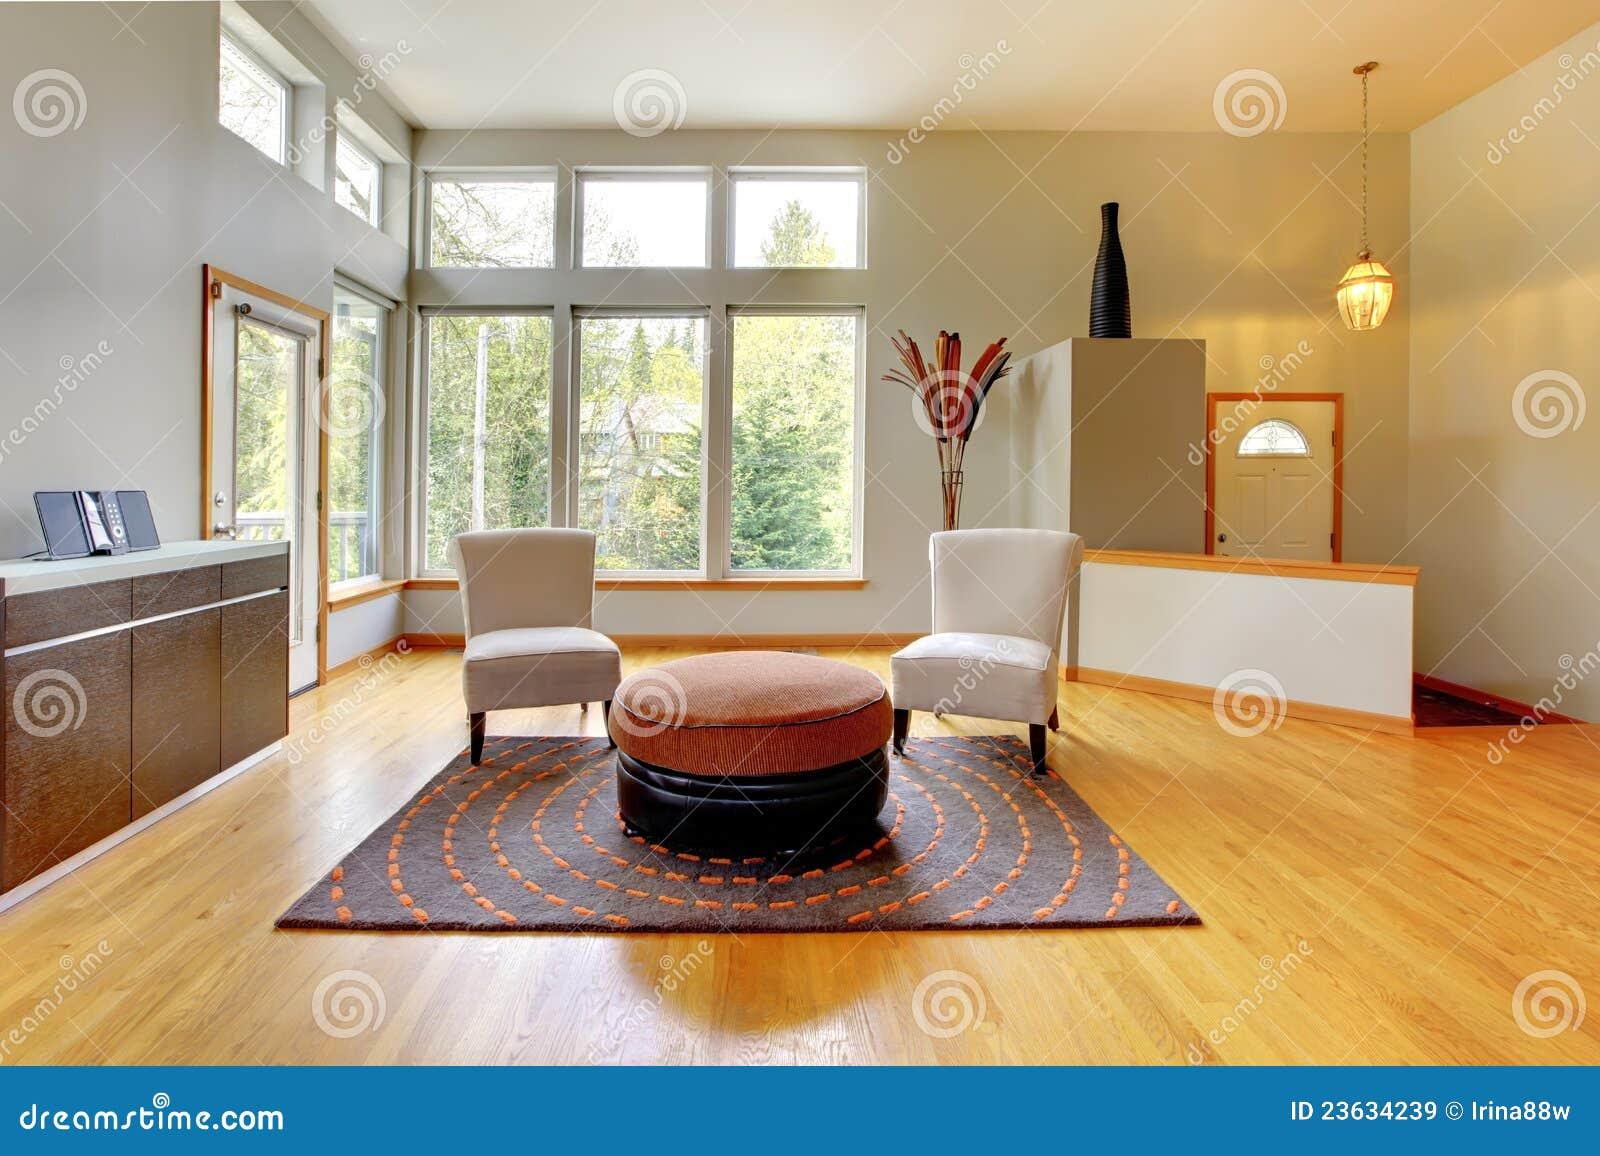 美妙的家庭内部居住的现代空间